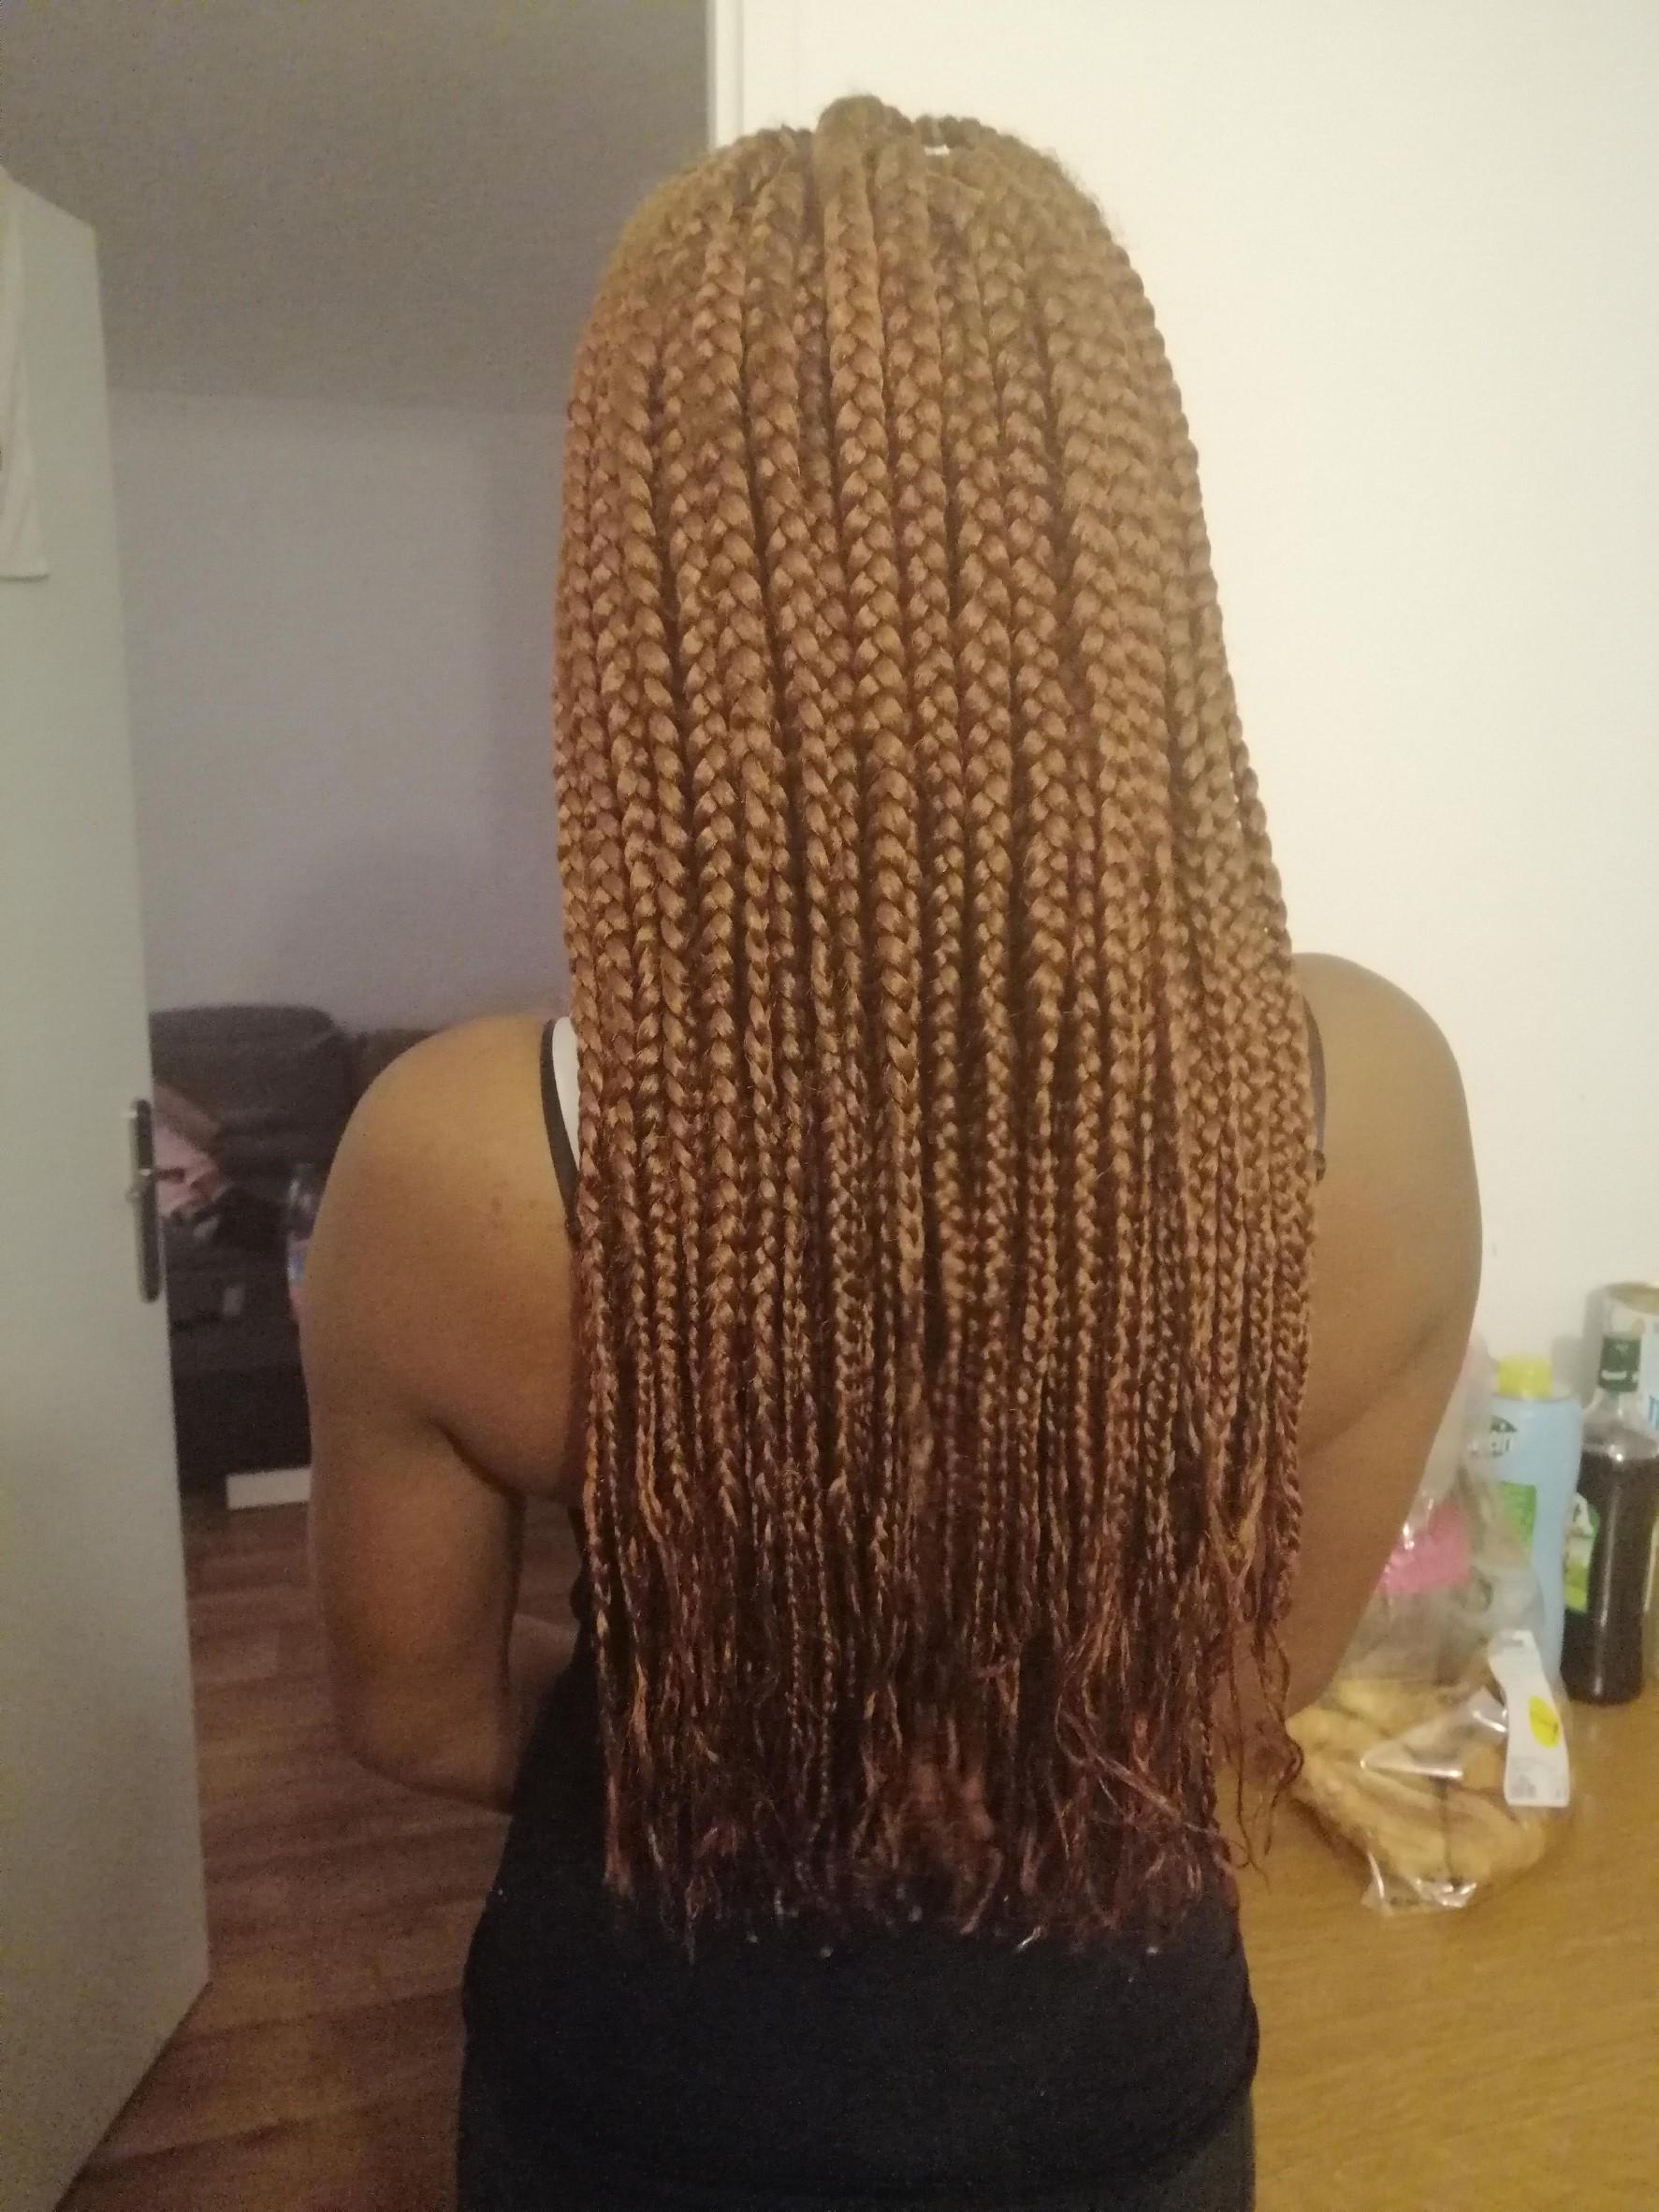 salon de coiffure afro tresse tresses box braids crochet braids vanilles tissages paris 75 77 78 91 92 93 94 95 XMSRGAXP